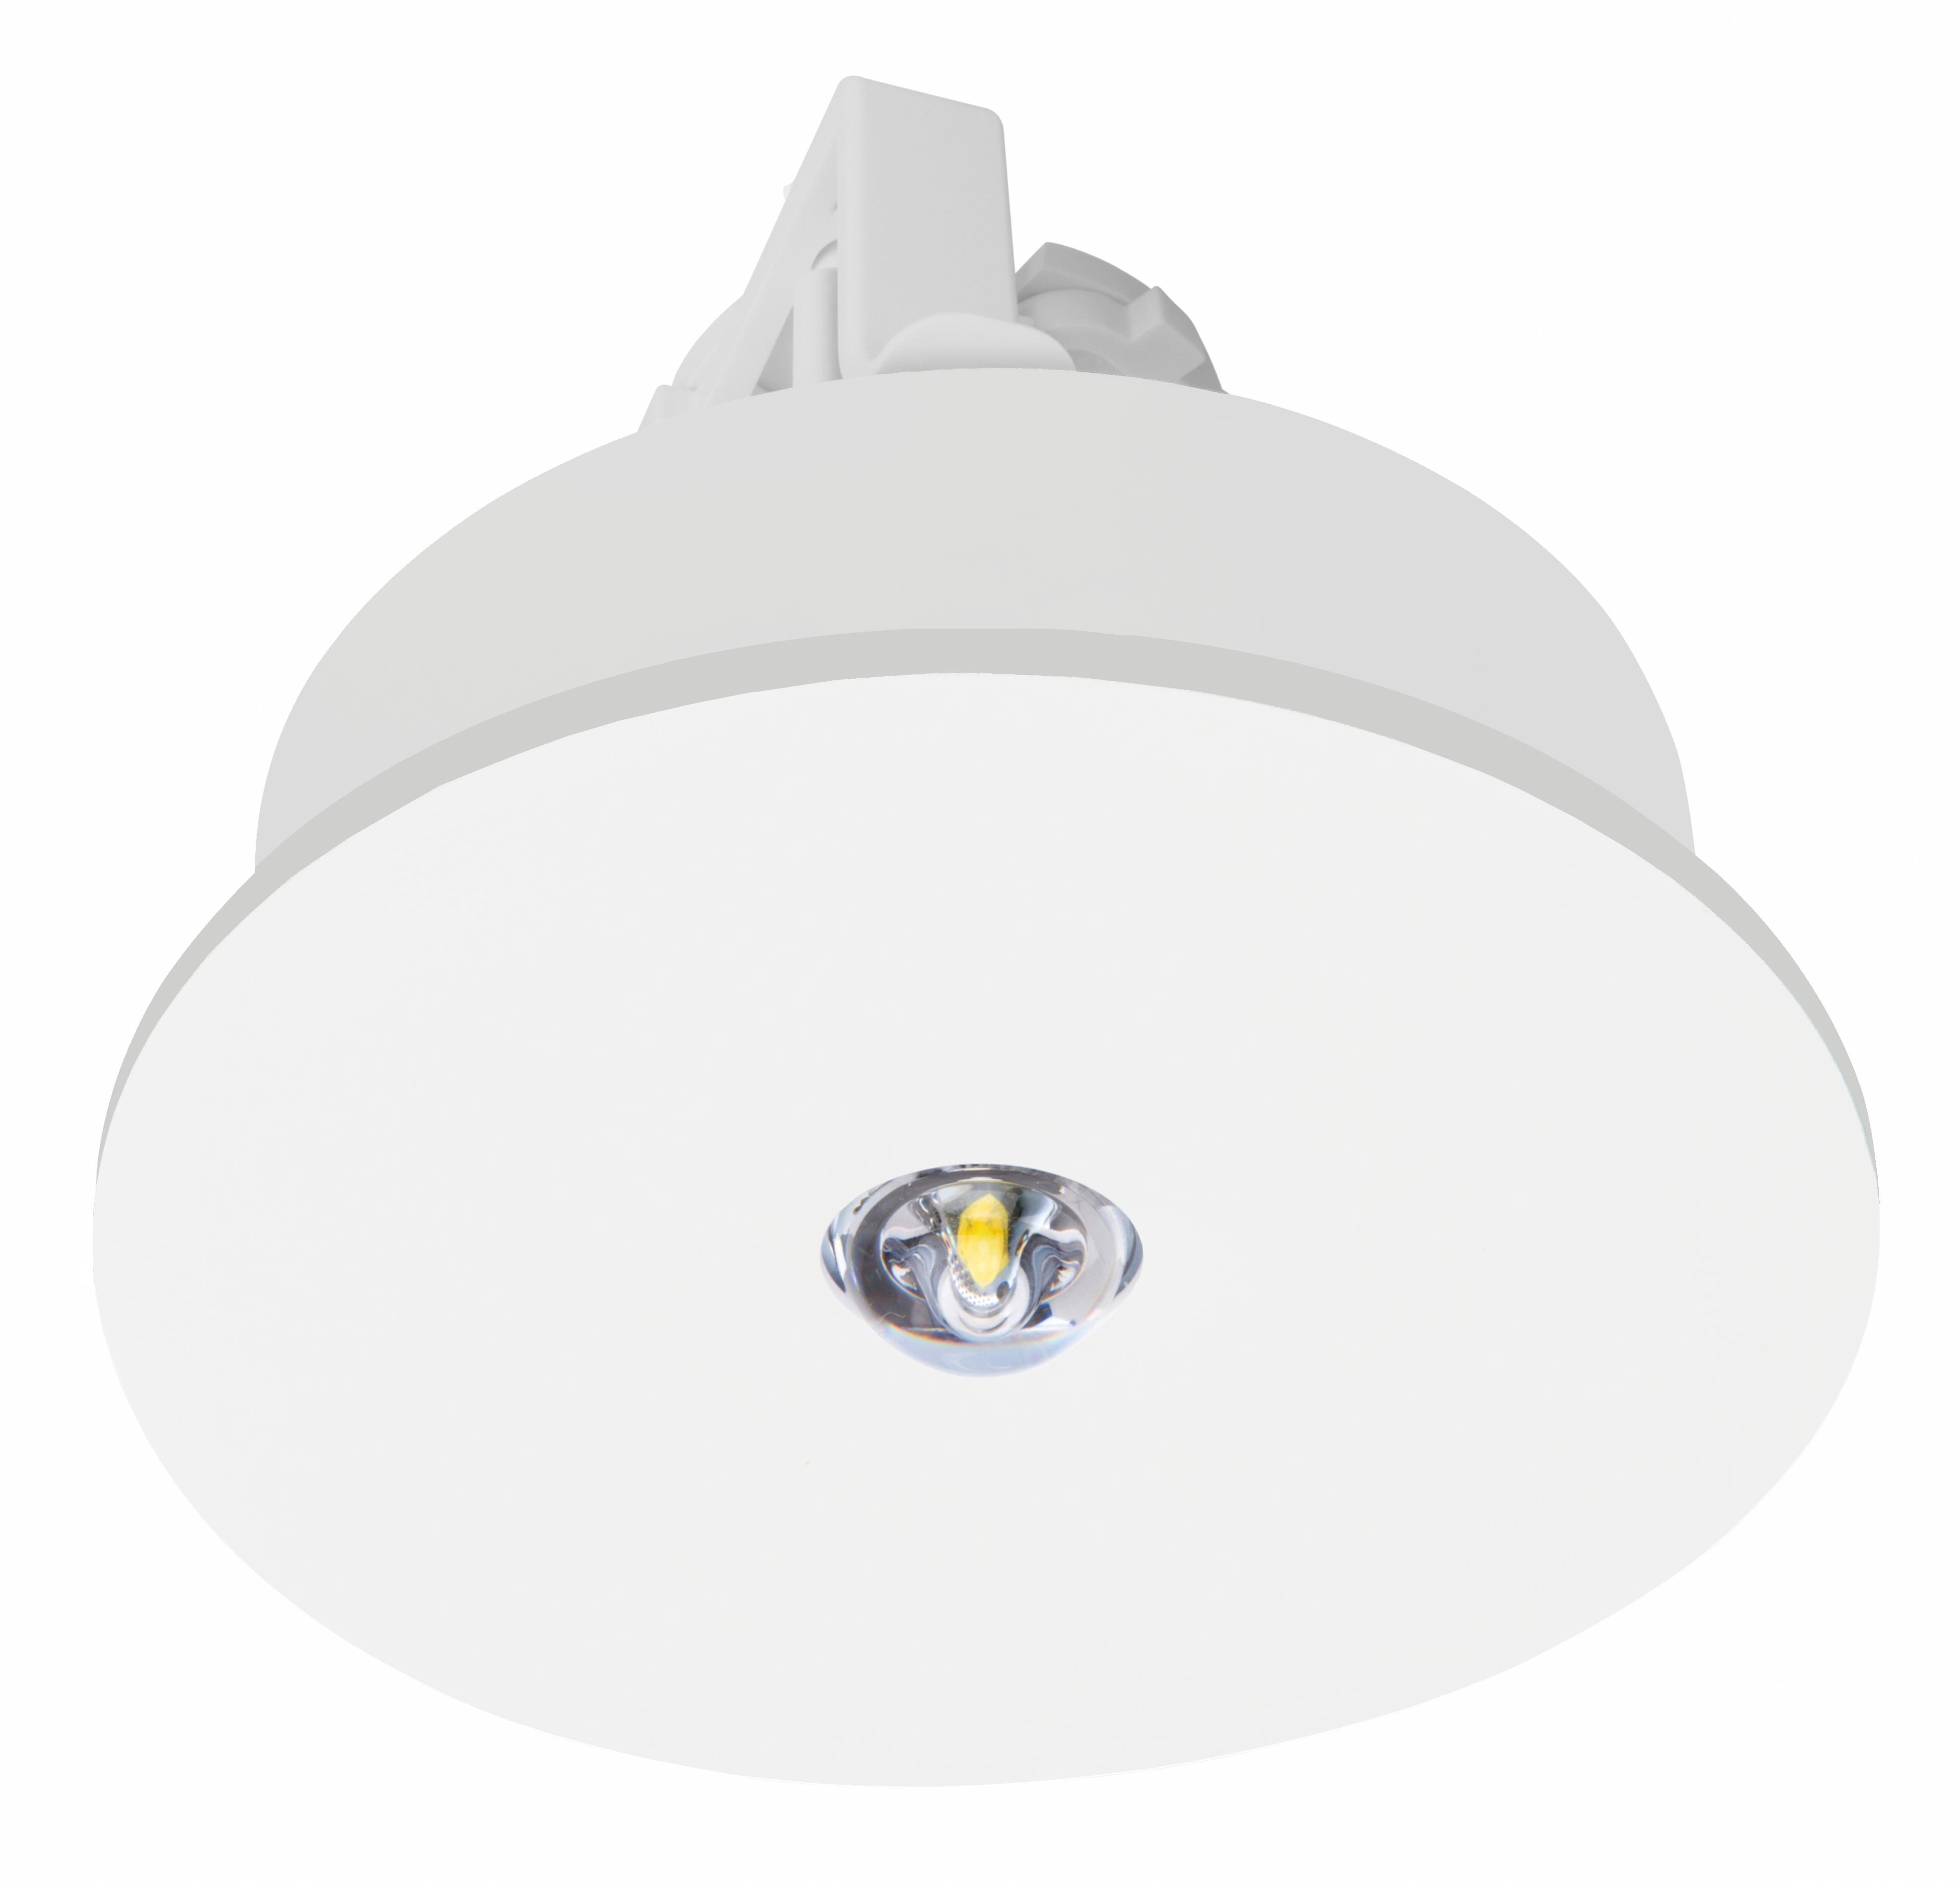 Notleuchte IL Autotest 1x3W ERT-LED 3h 230VAC rund